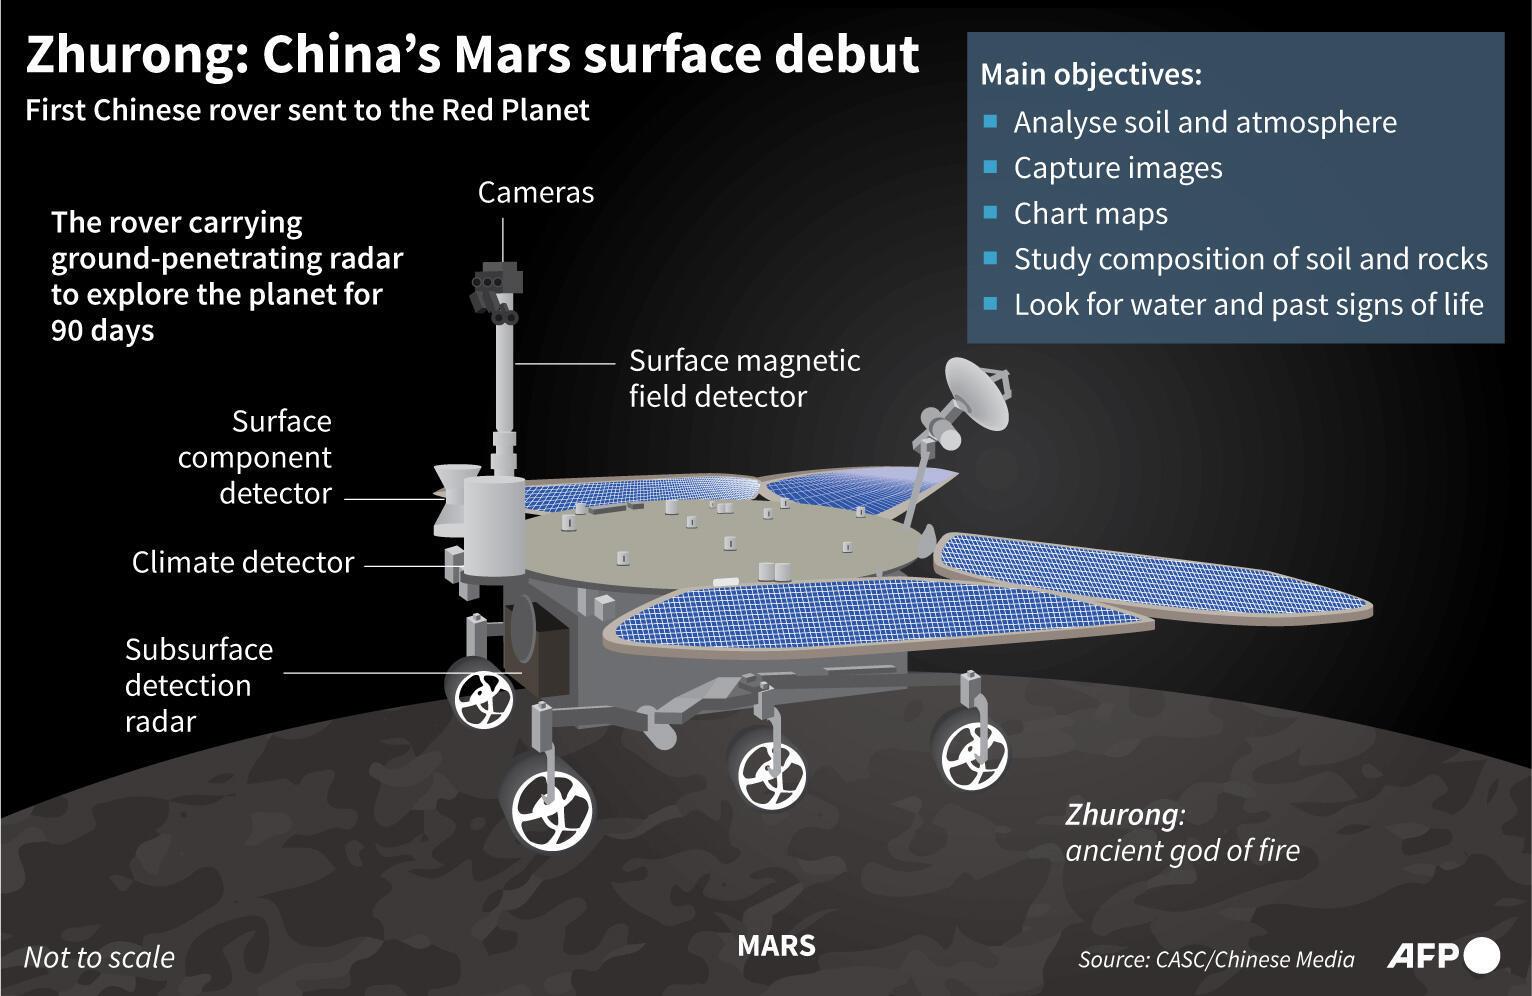 Zhurong: China's Mars surface debut